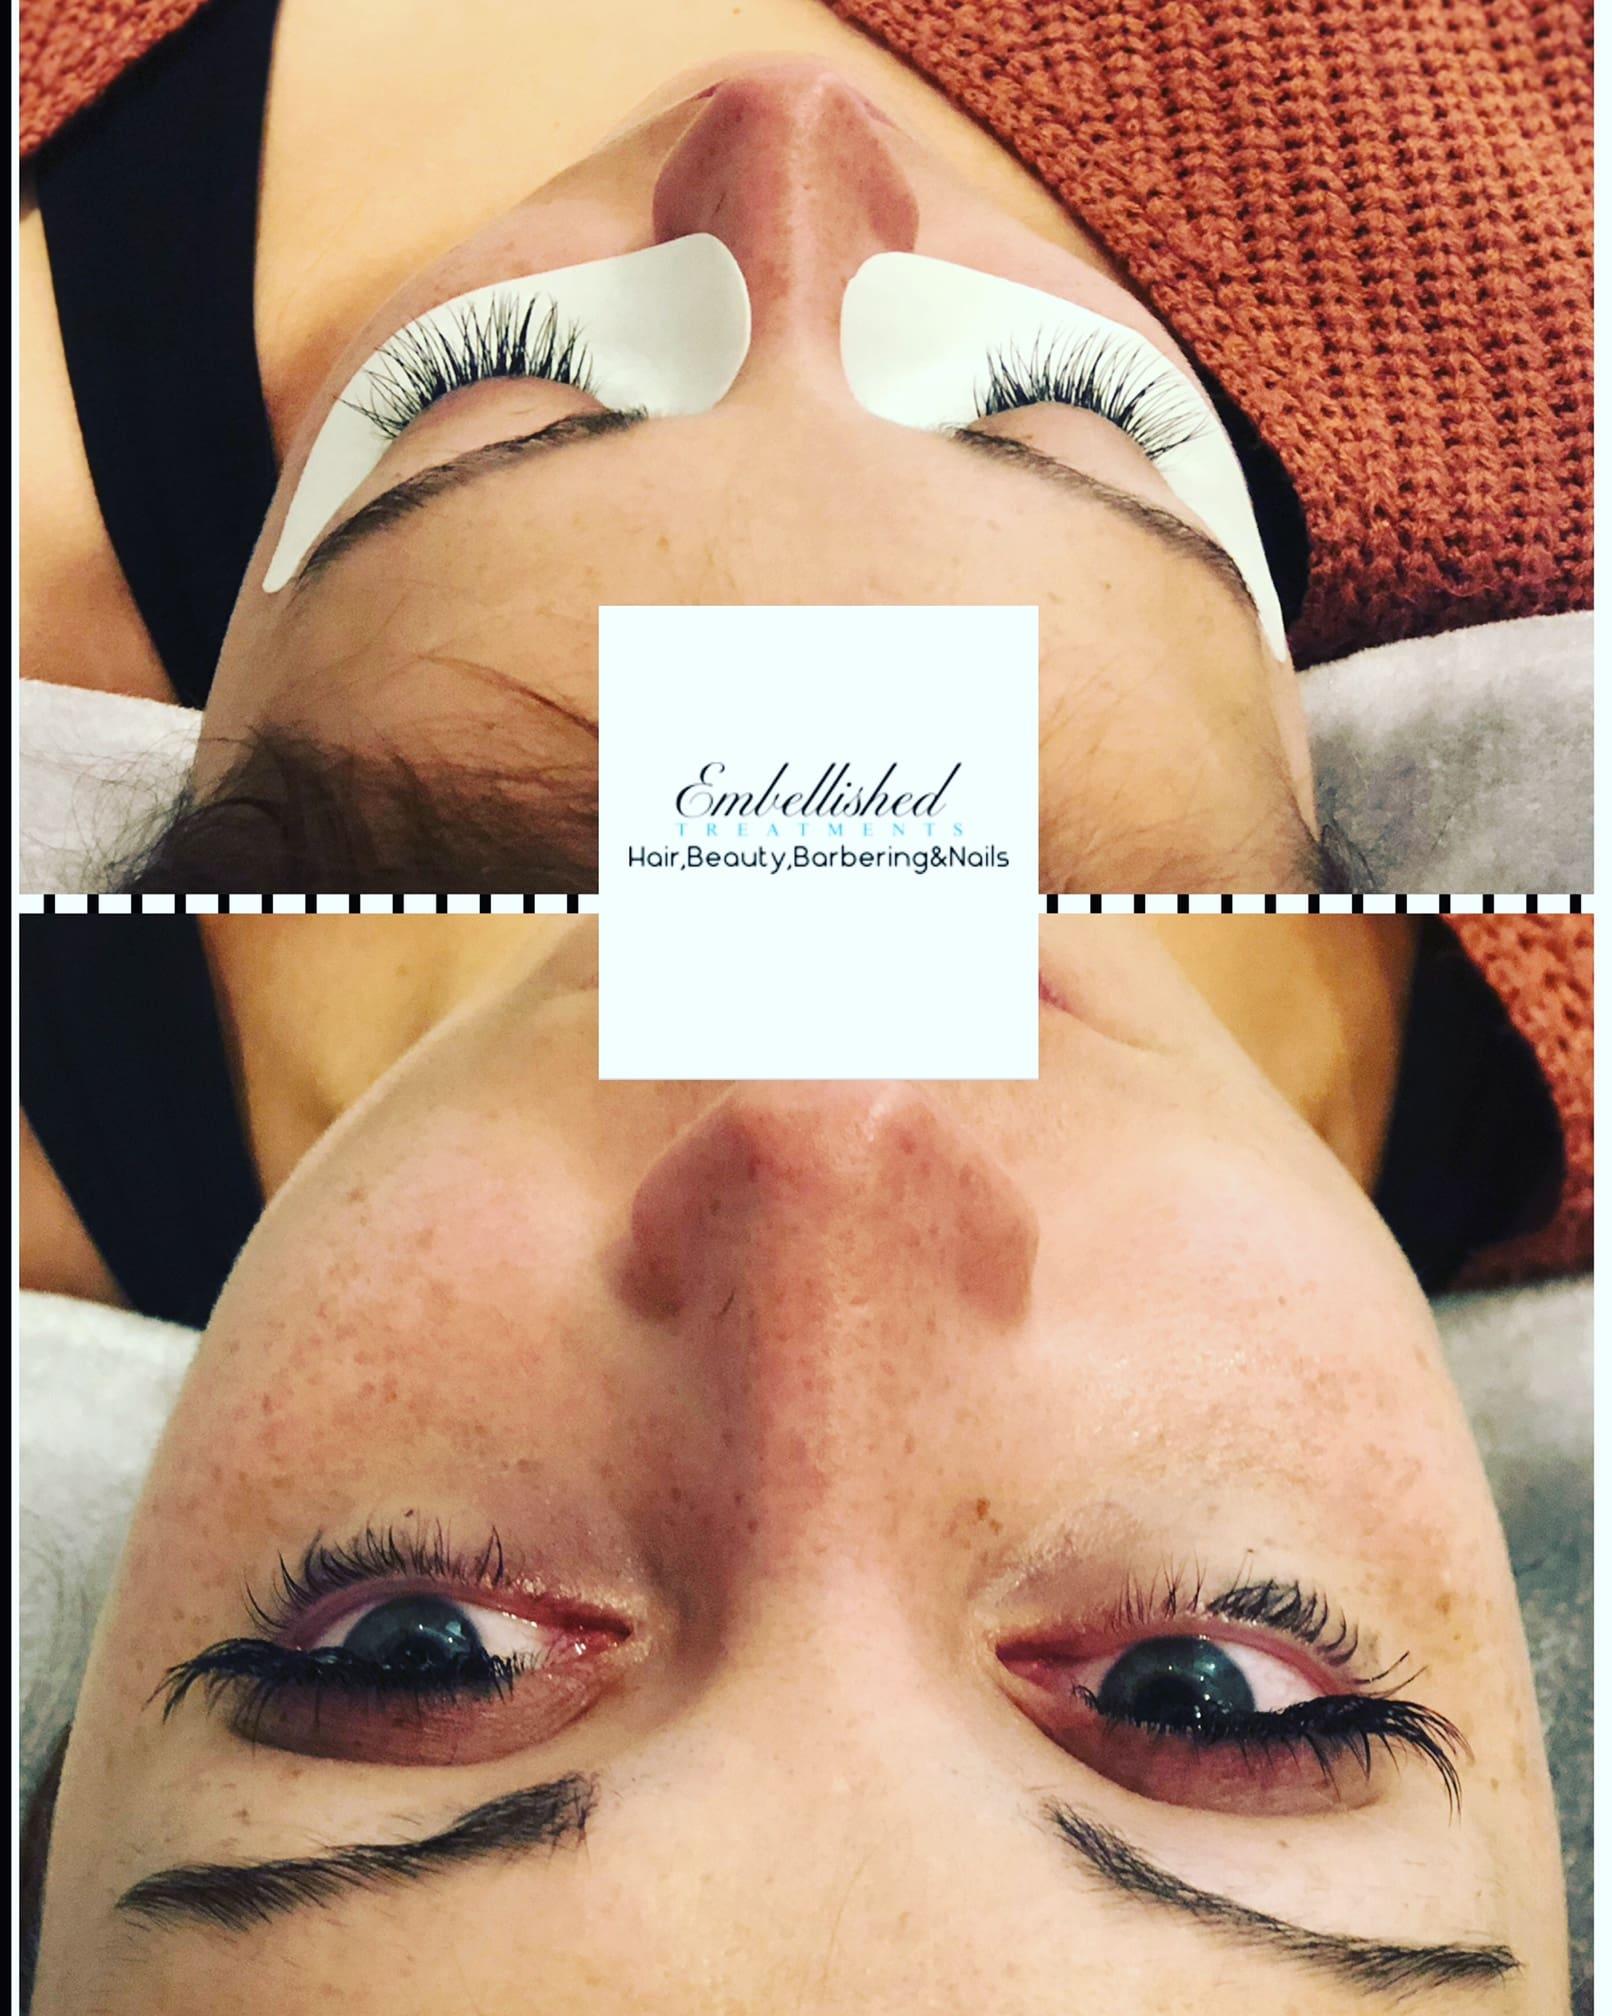 Embellished Treatments